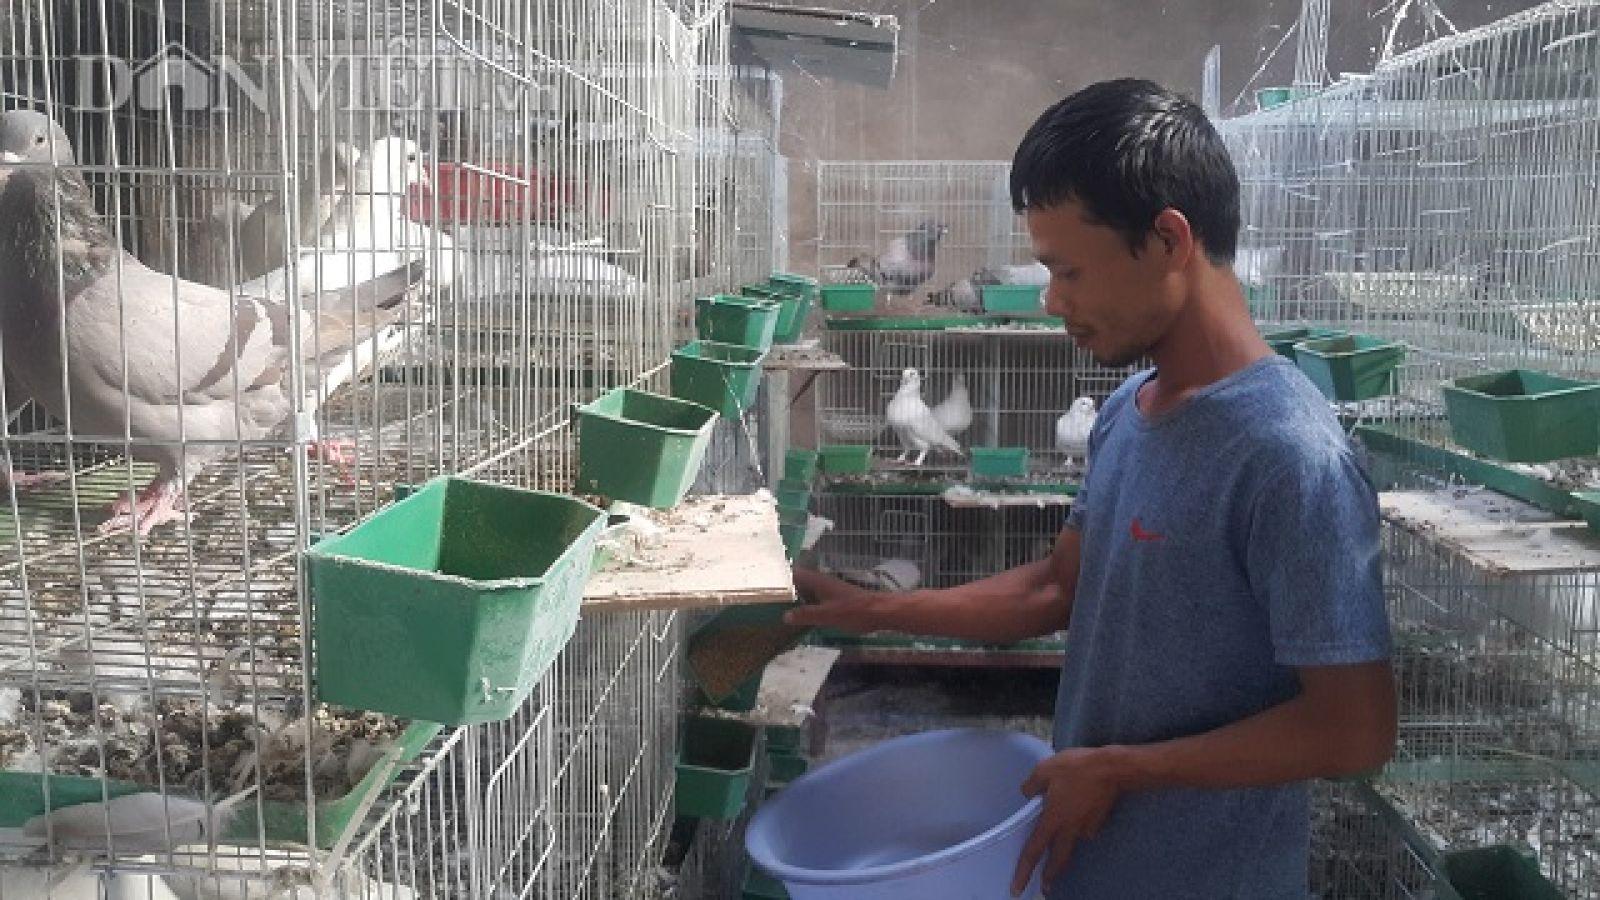 Hiện tại gia đình anh đang có 200 cặp chim bố mẹ, dự định thời gian sắp tới gia đình anh sẽ mở rộng quy mô lên tới hơn 500 cặp bố mẹ.